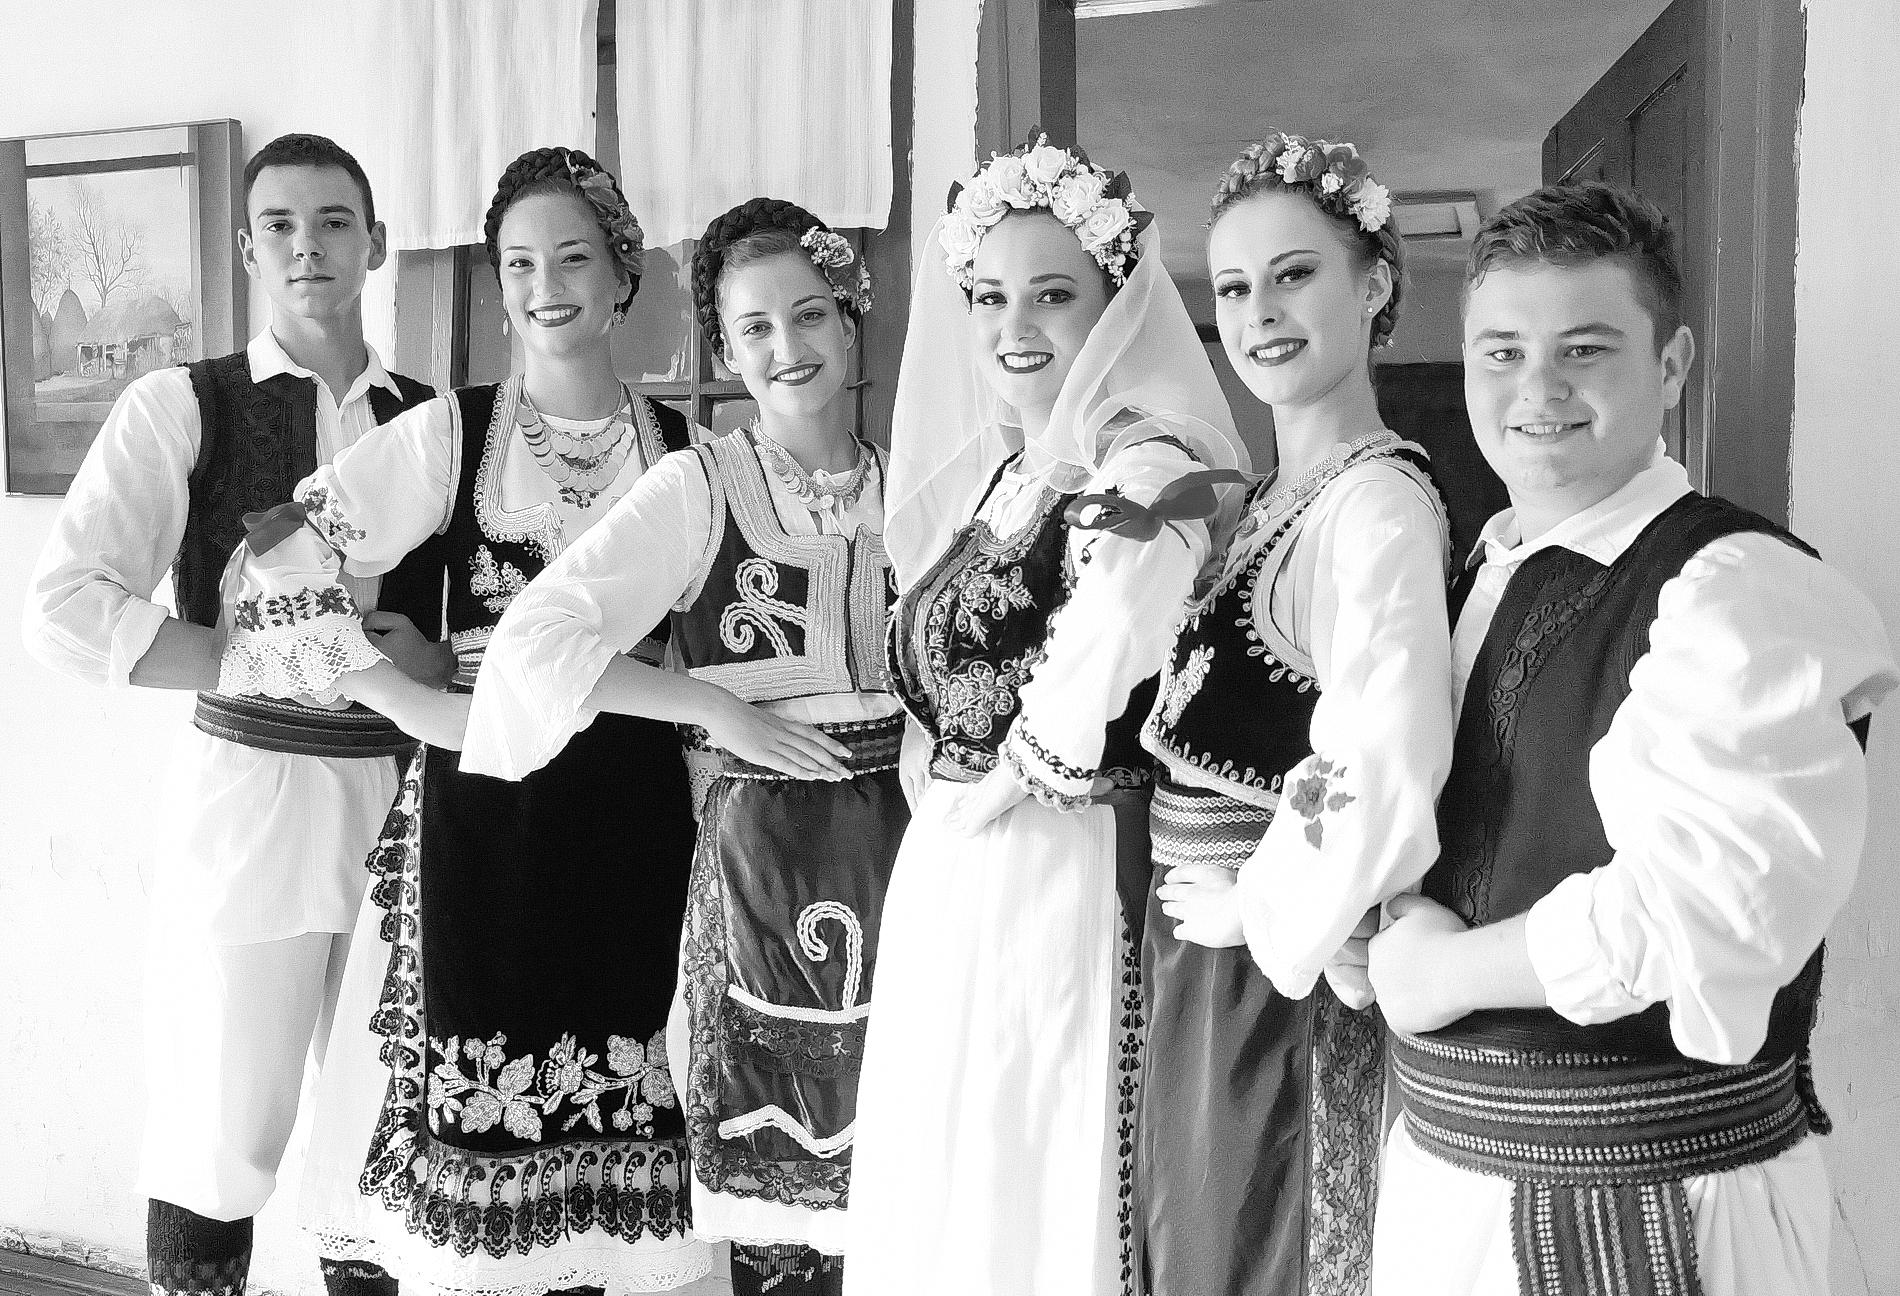 Učesnici  gladni, Hajdučko veče 2019